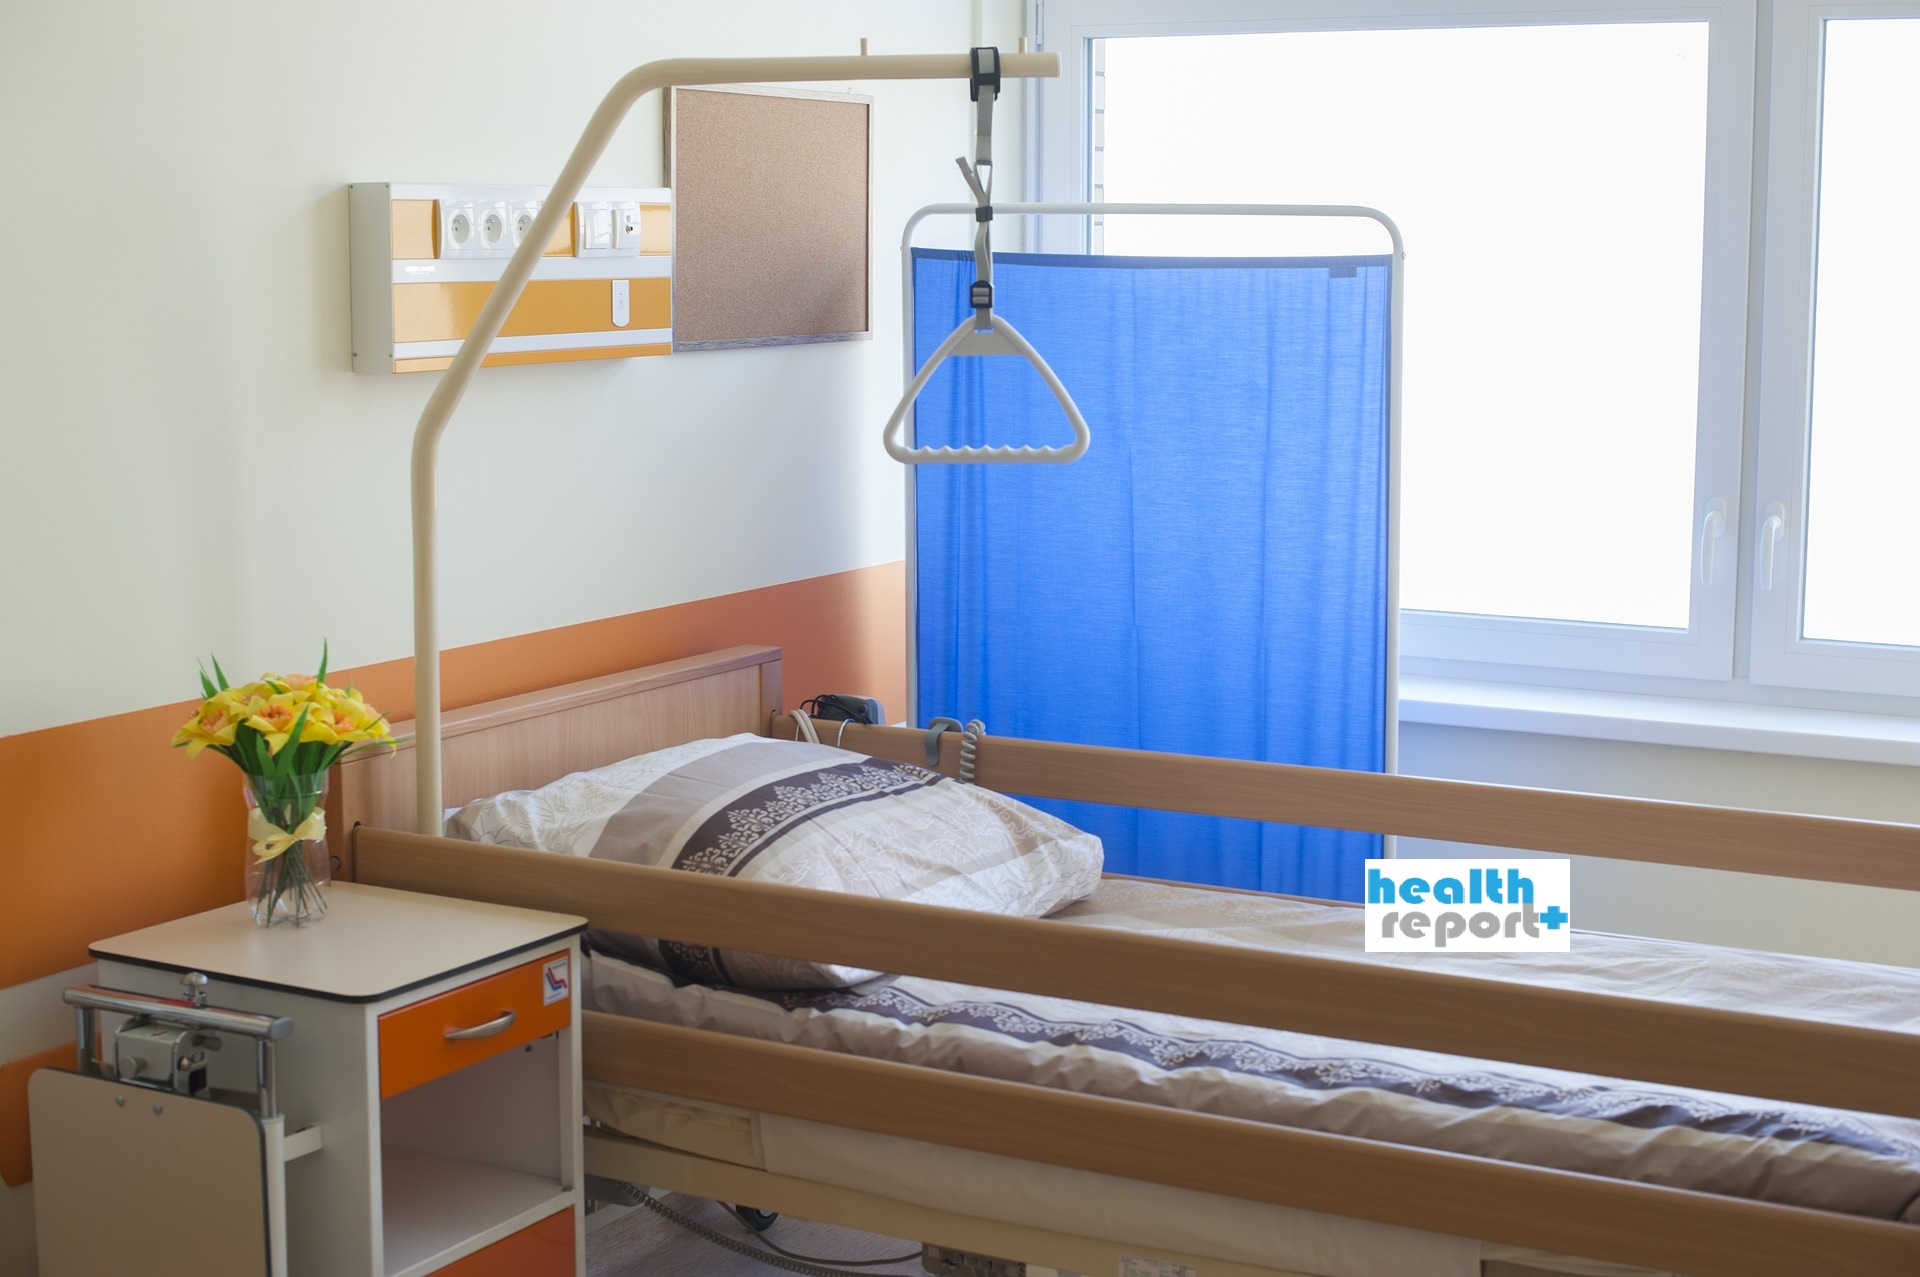 Διοικητές Νοσοκομείων με αξιοκρατικά κριτήρια επιδιώκει η κυβέρνηση